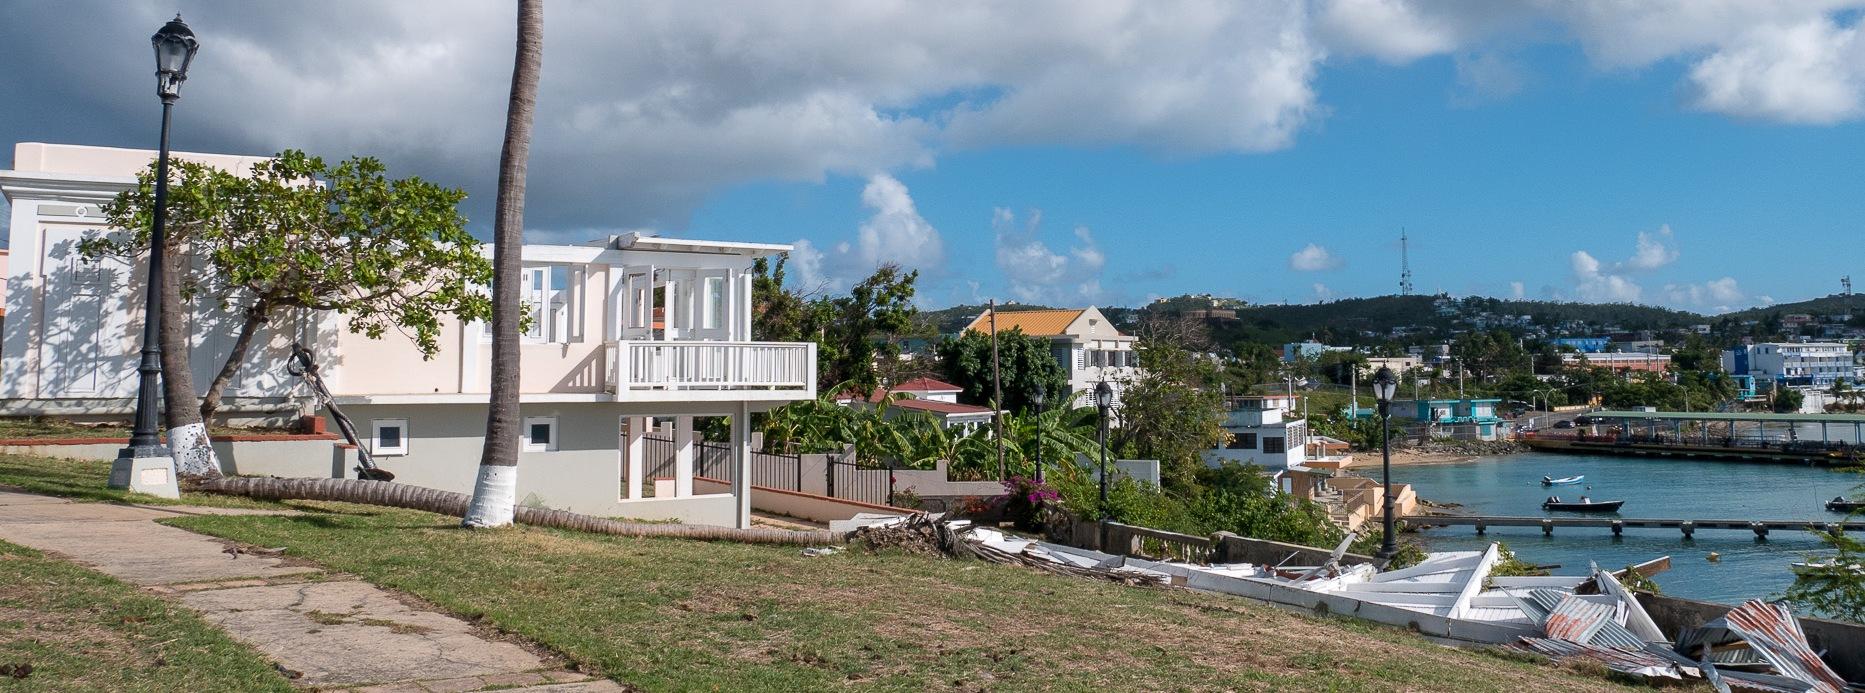 Vieques huragan (4 of 1) — kopia